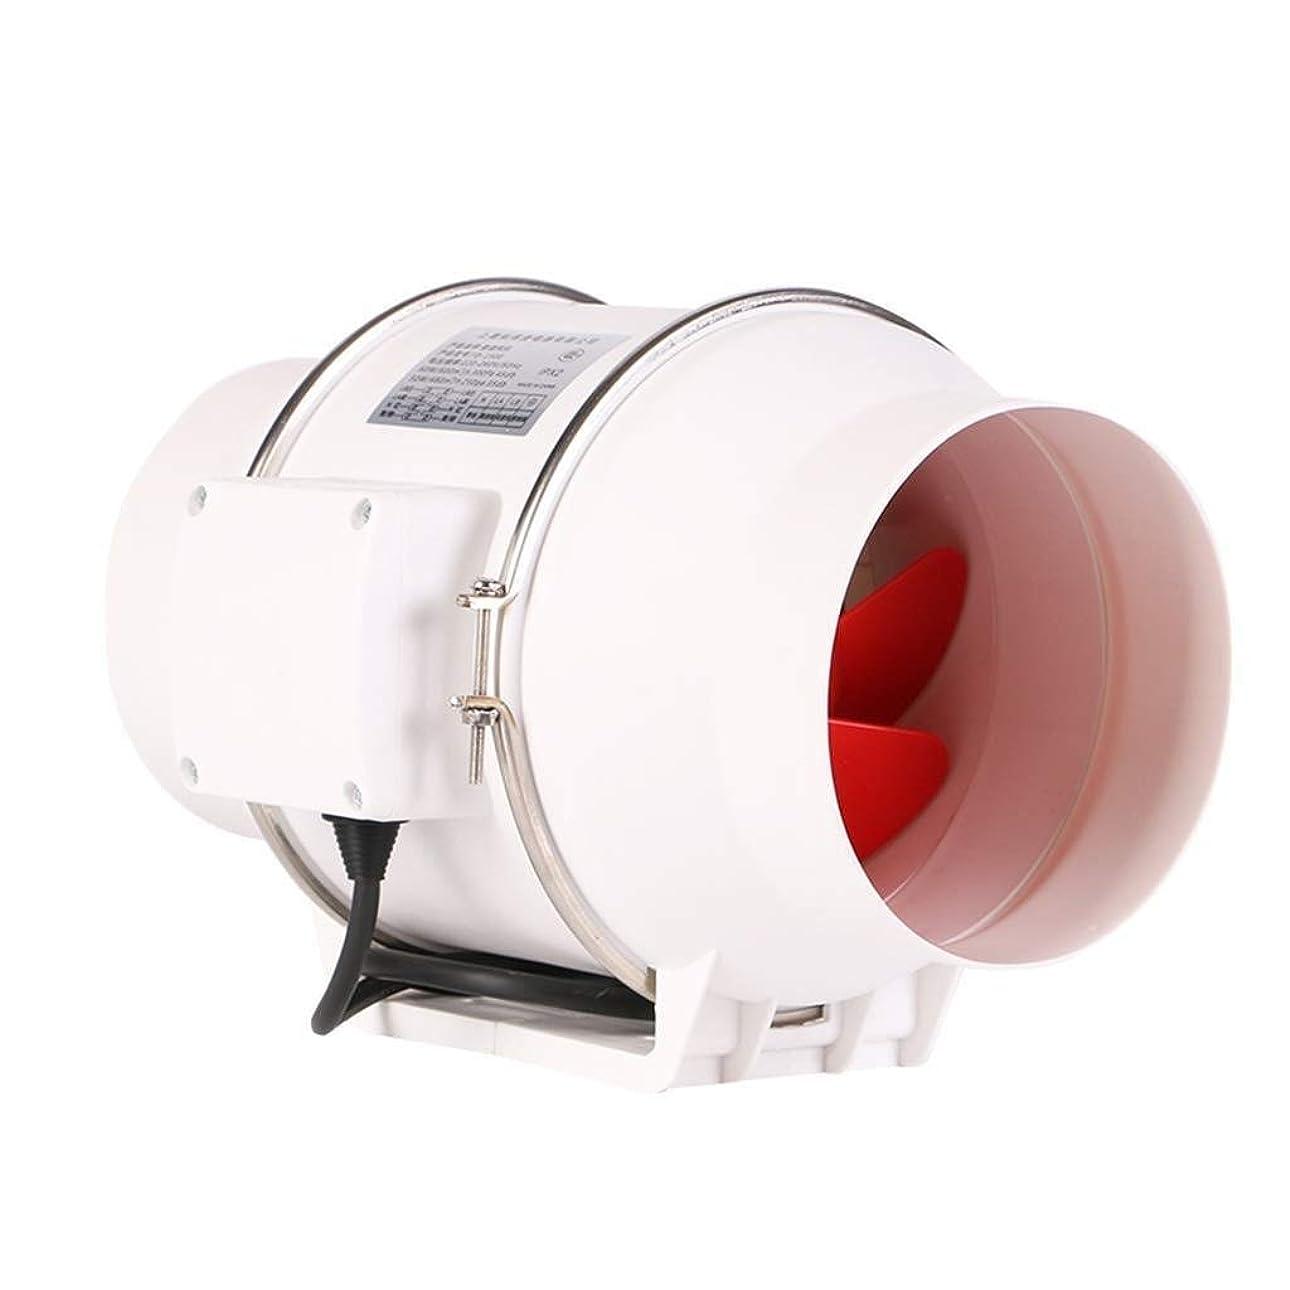 画家空港遺体安置所換気Extractorの丸ダクトファン排気換気+スピードスイッチ高風量低ノイズハイパワー